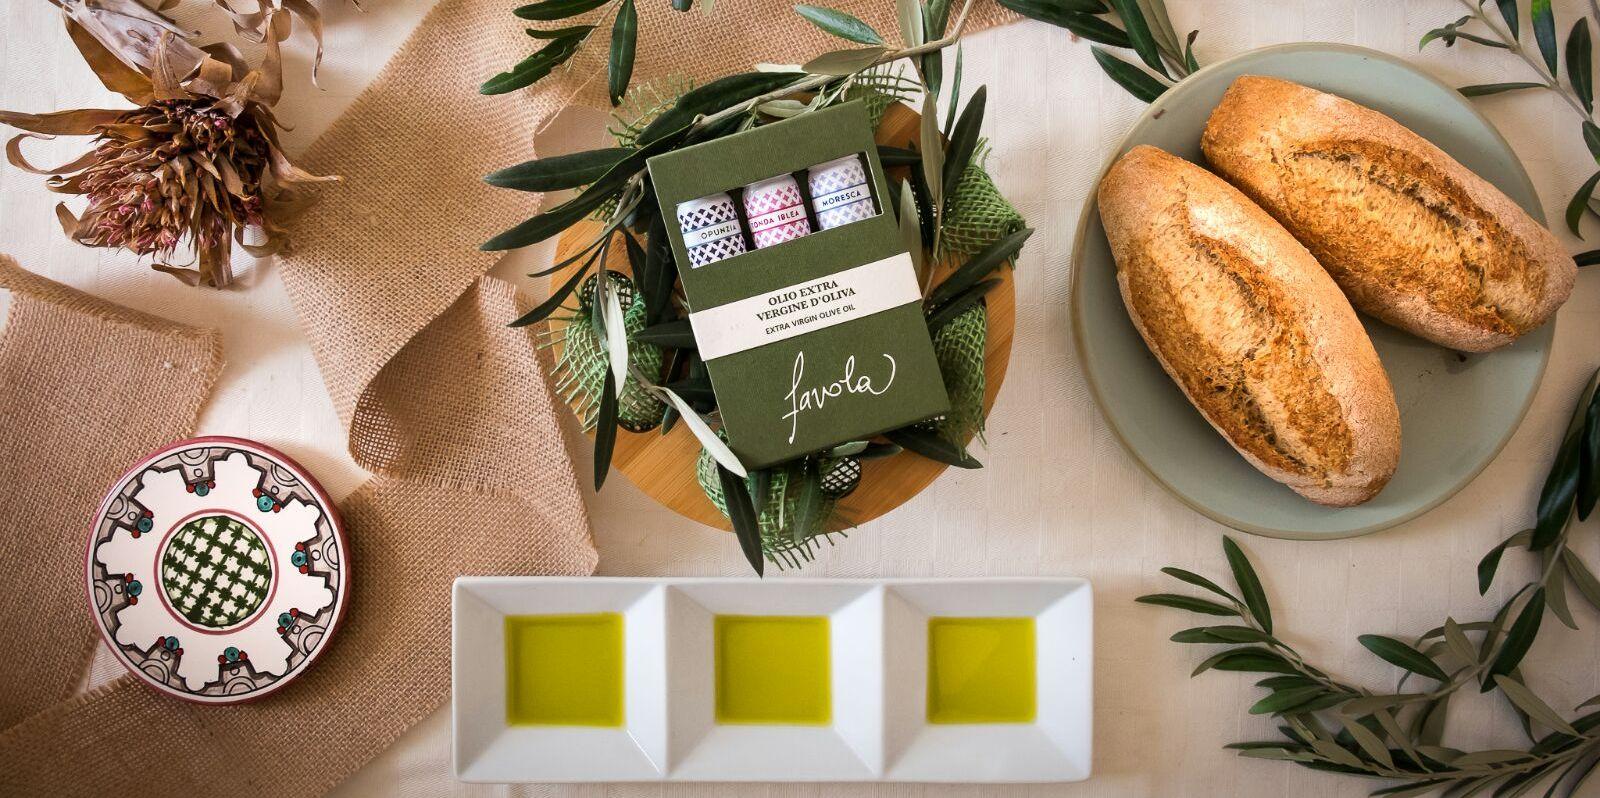 Pane ed olio d'oliva Favola - Agricola Oliva